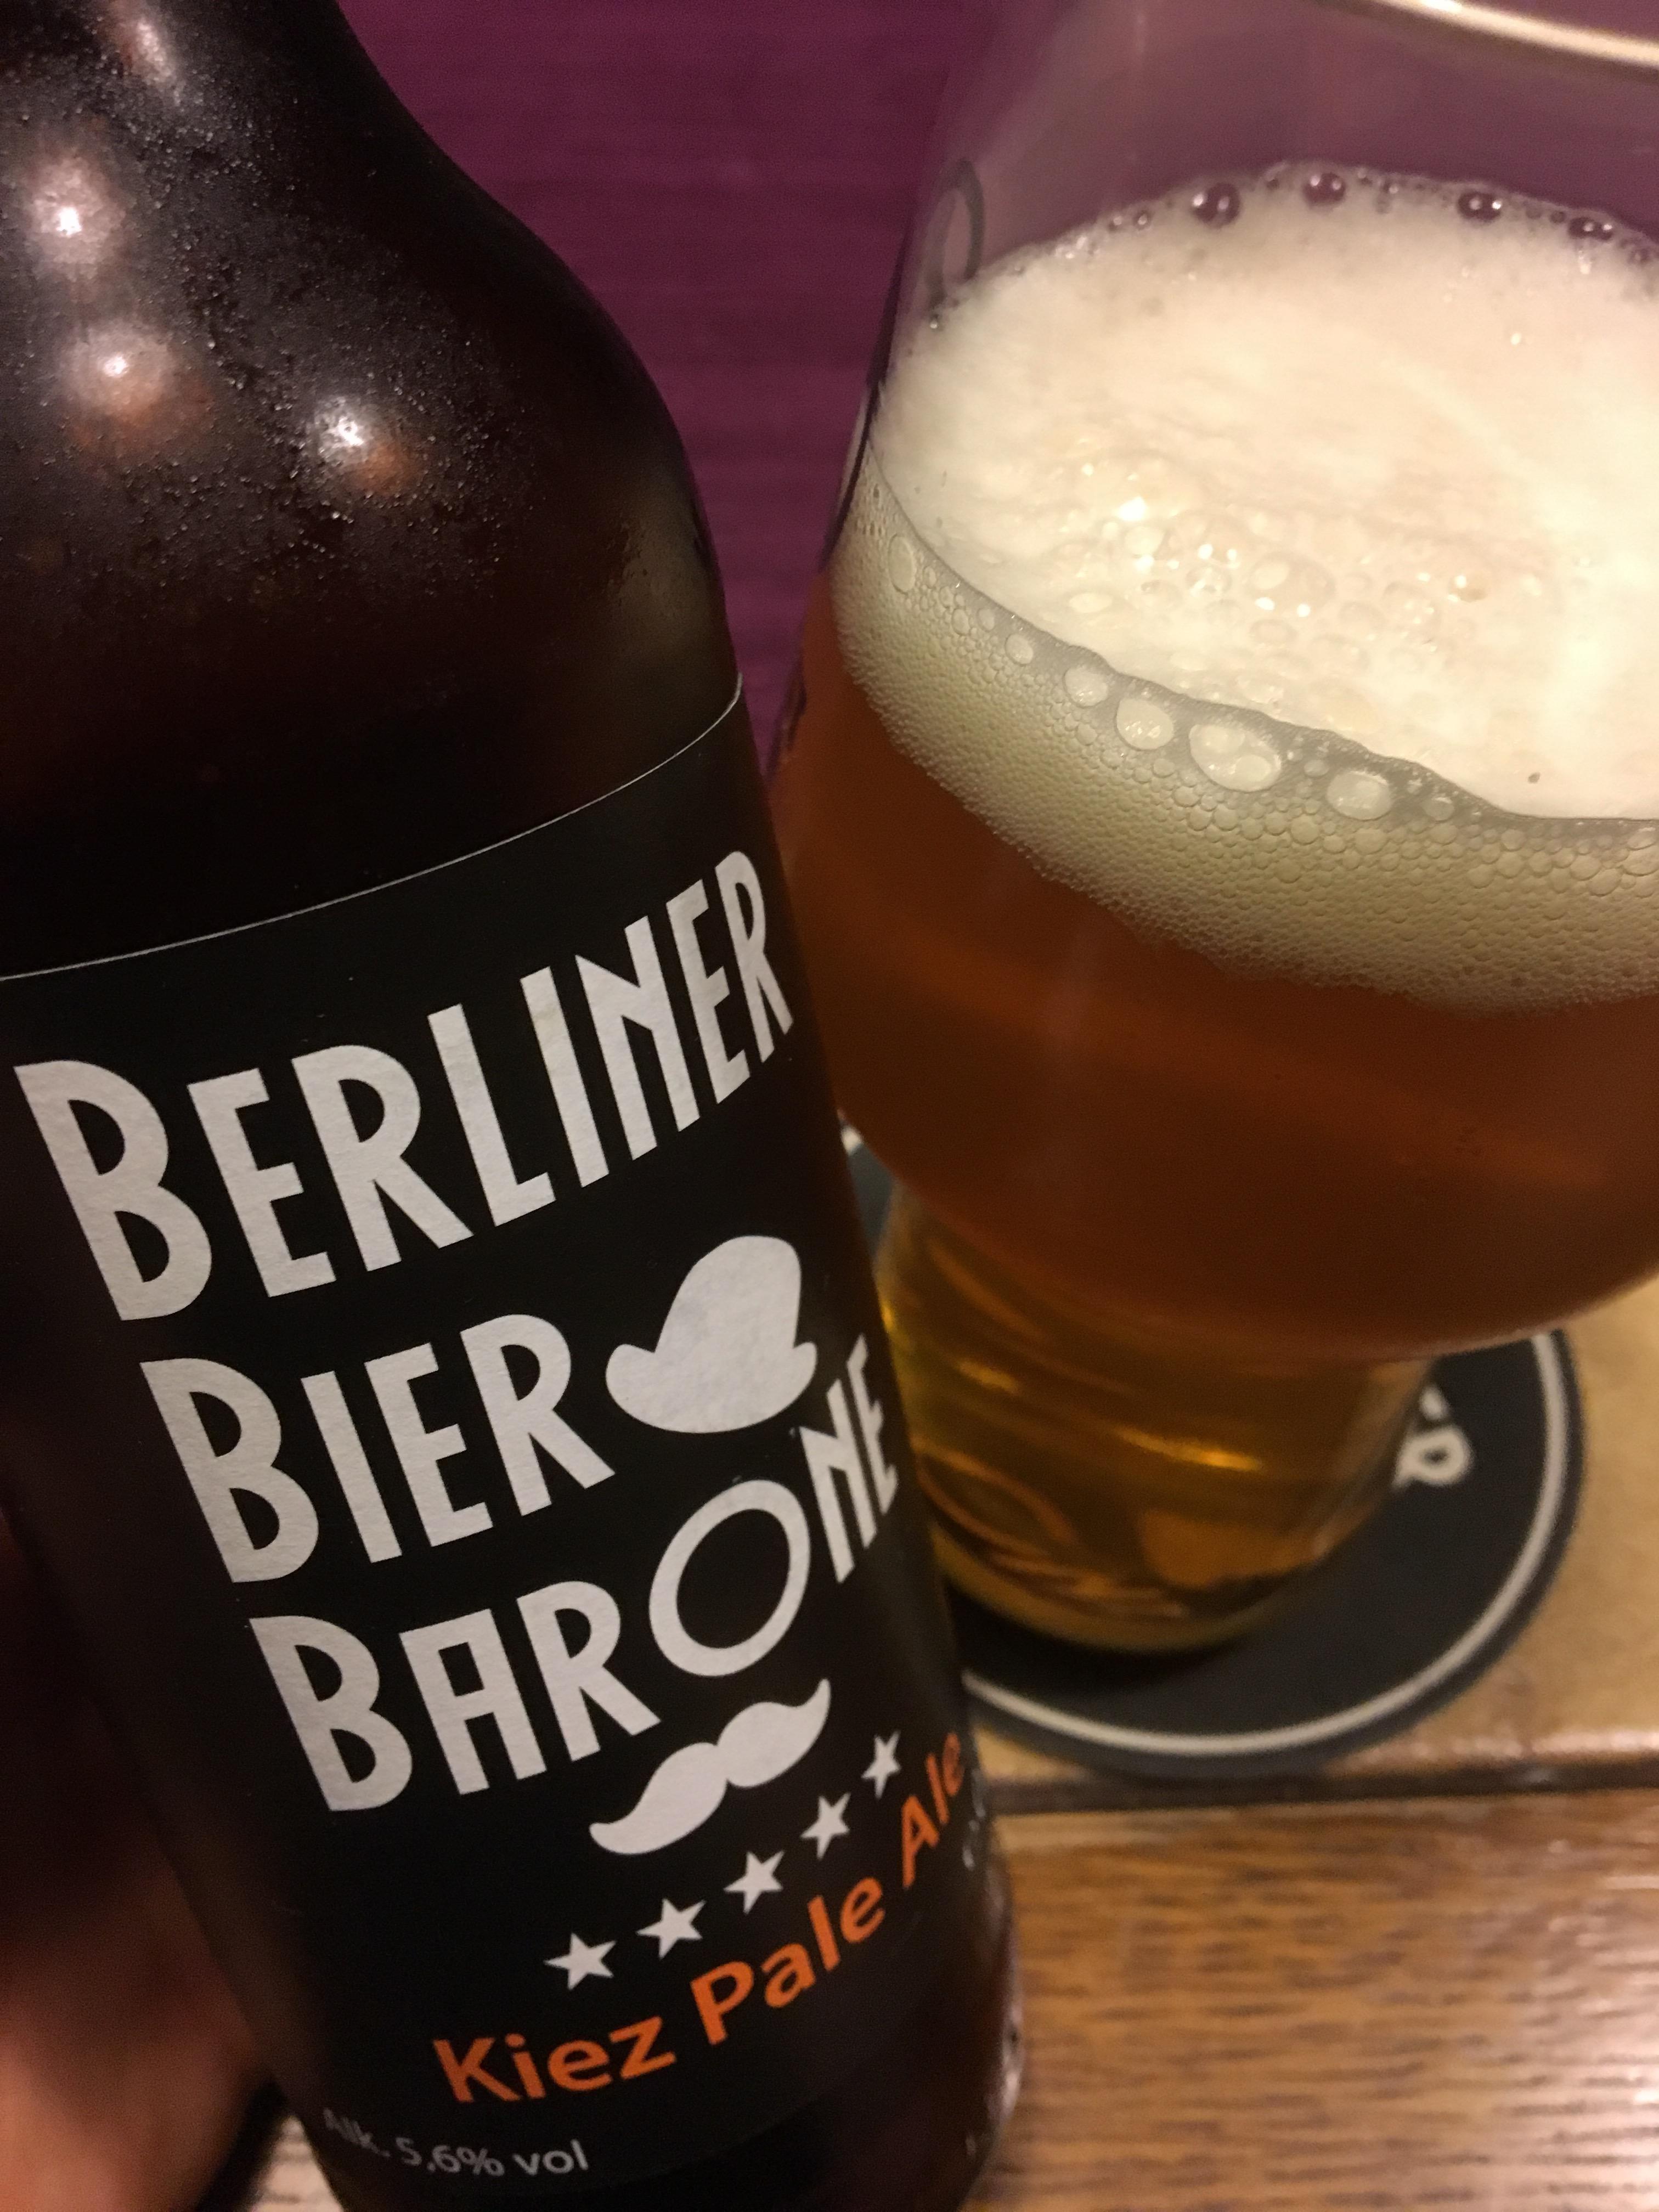 Berliner Bier Barone – Kiez Pale Ale